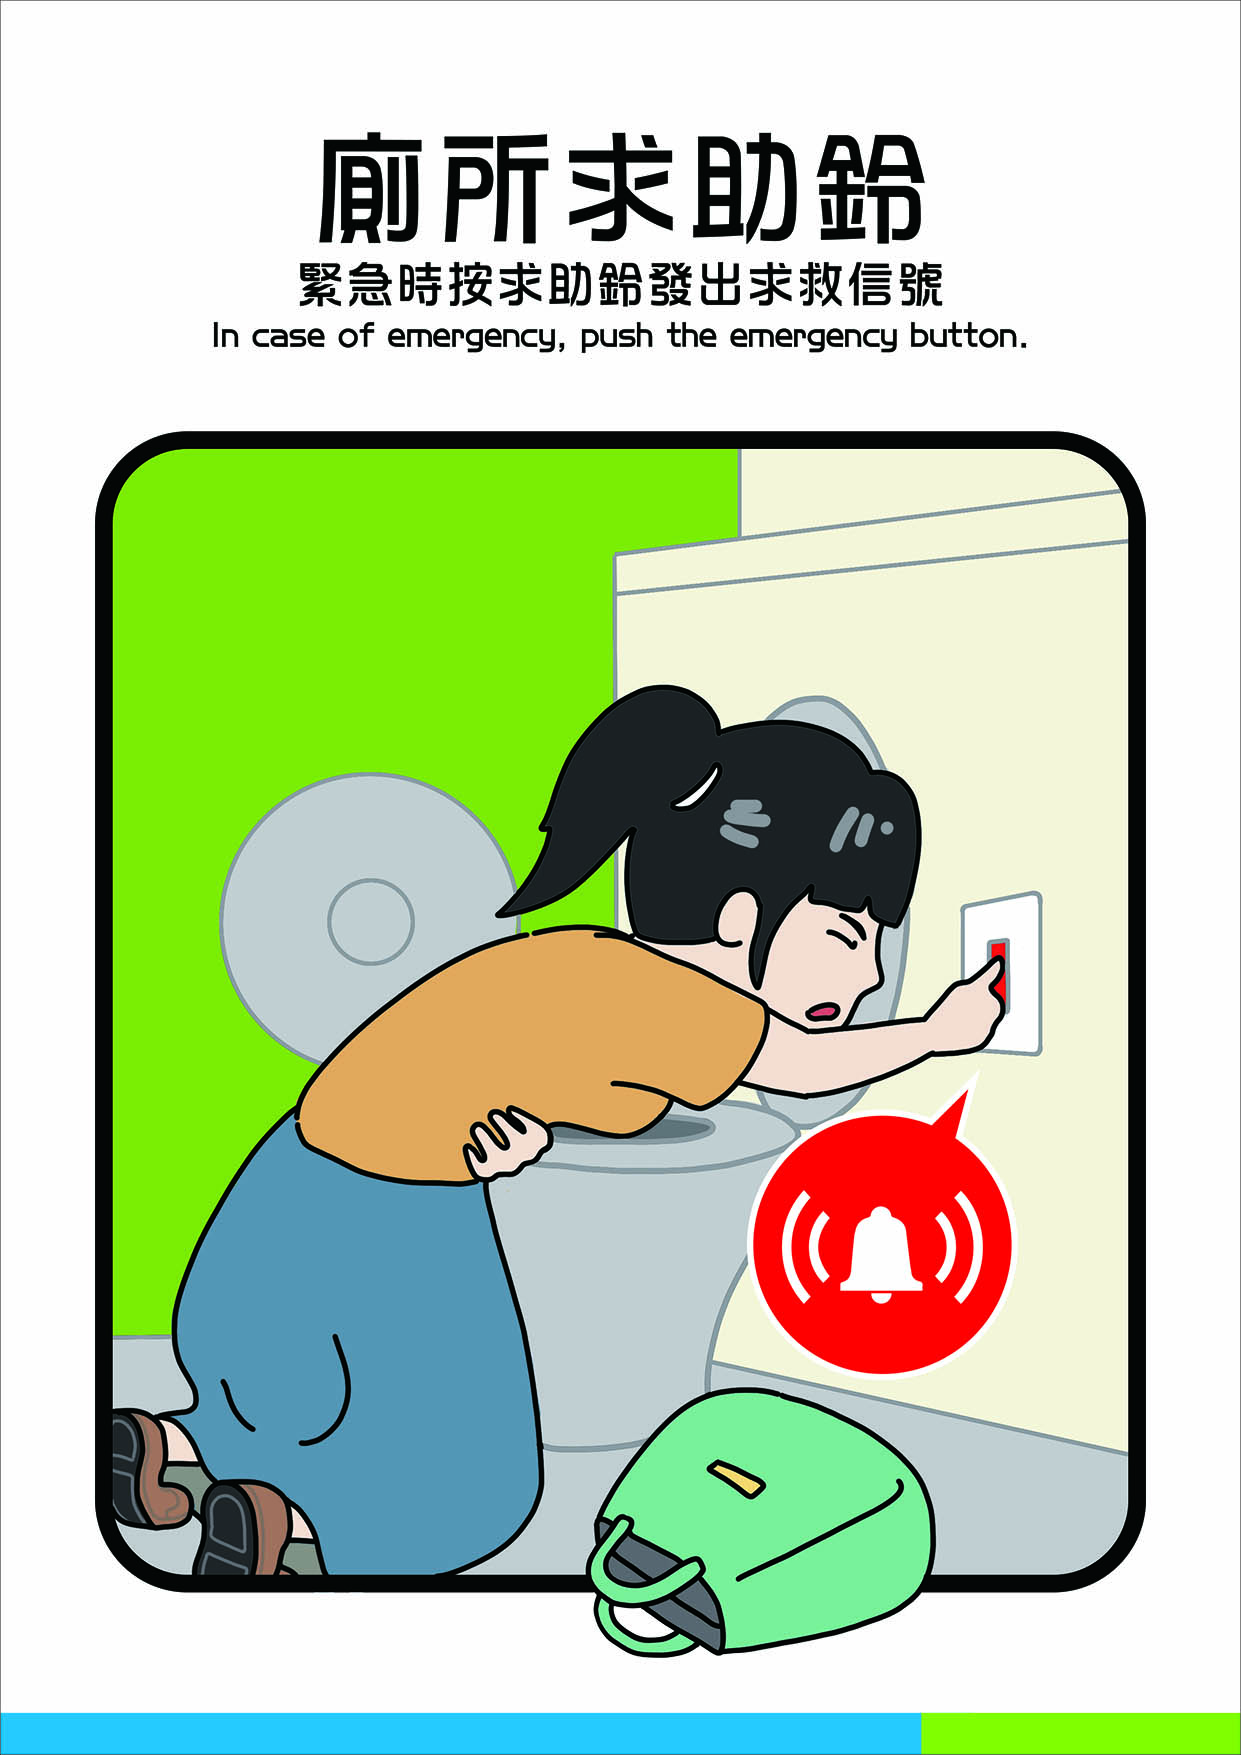 廁所求助鈴,緊急時按鈕發出求救信號